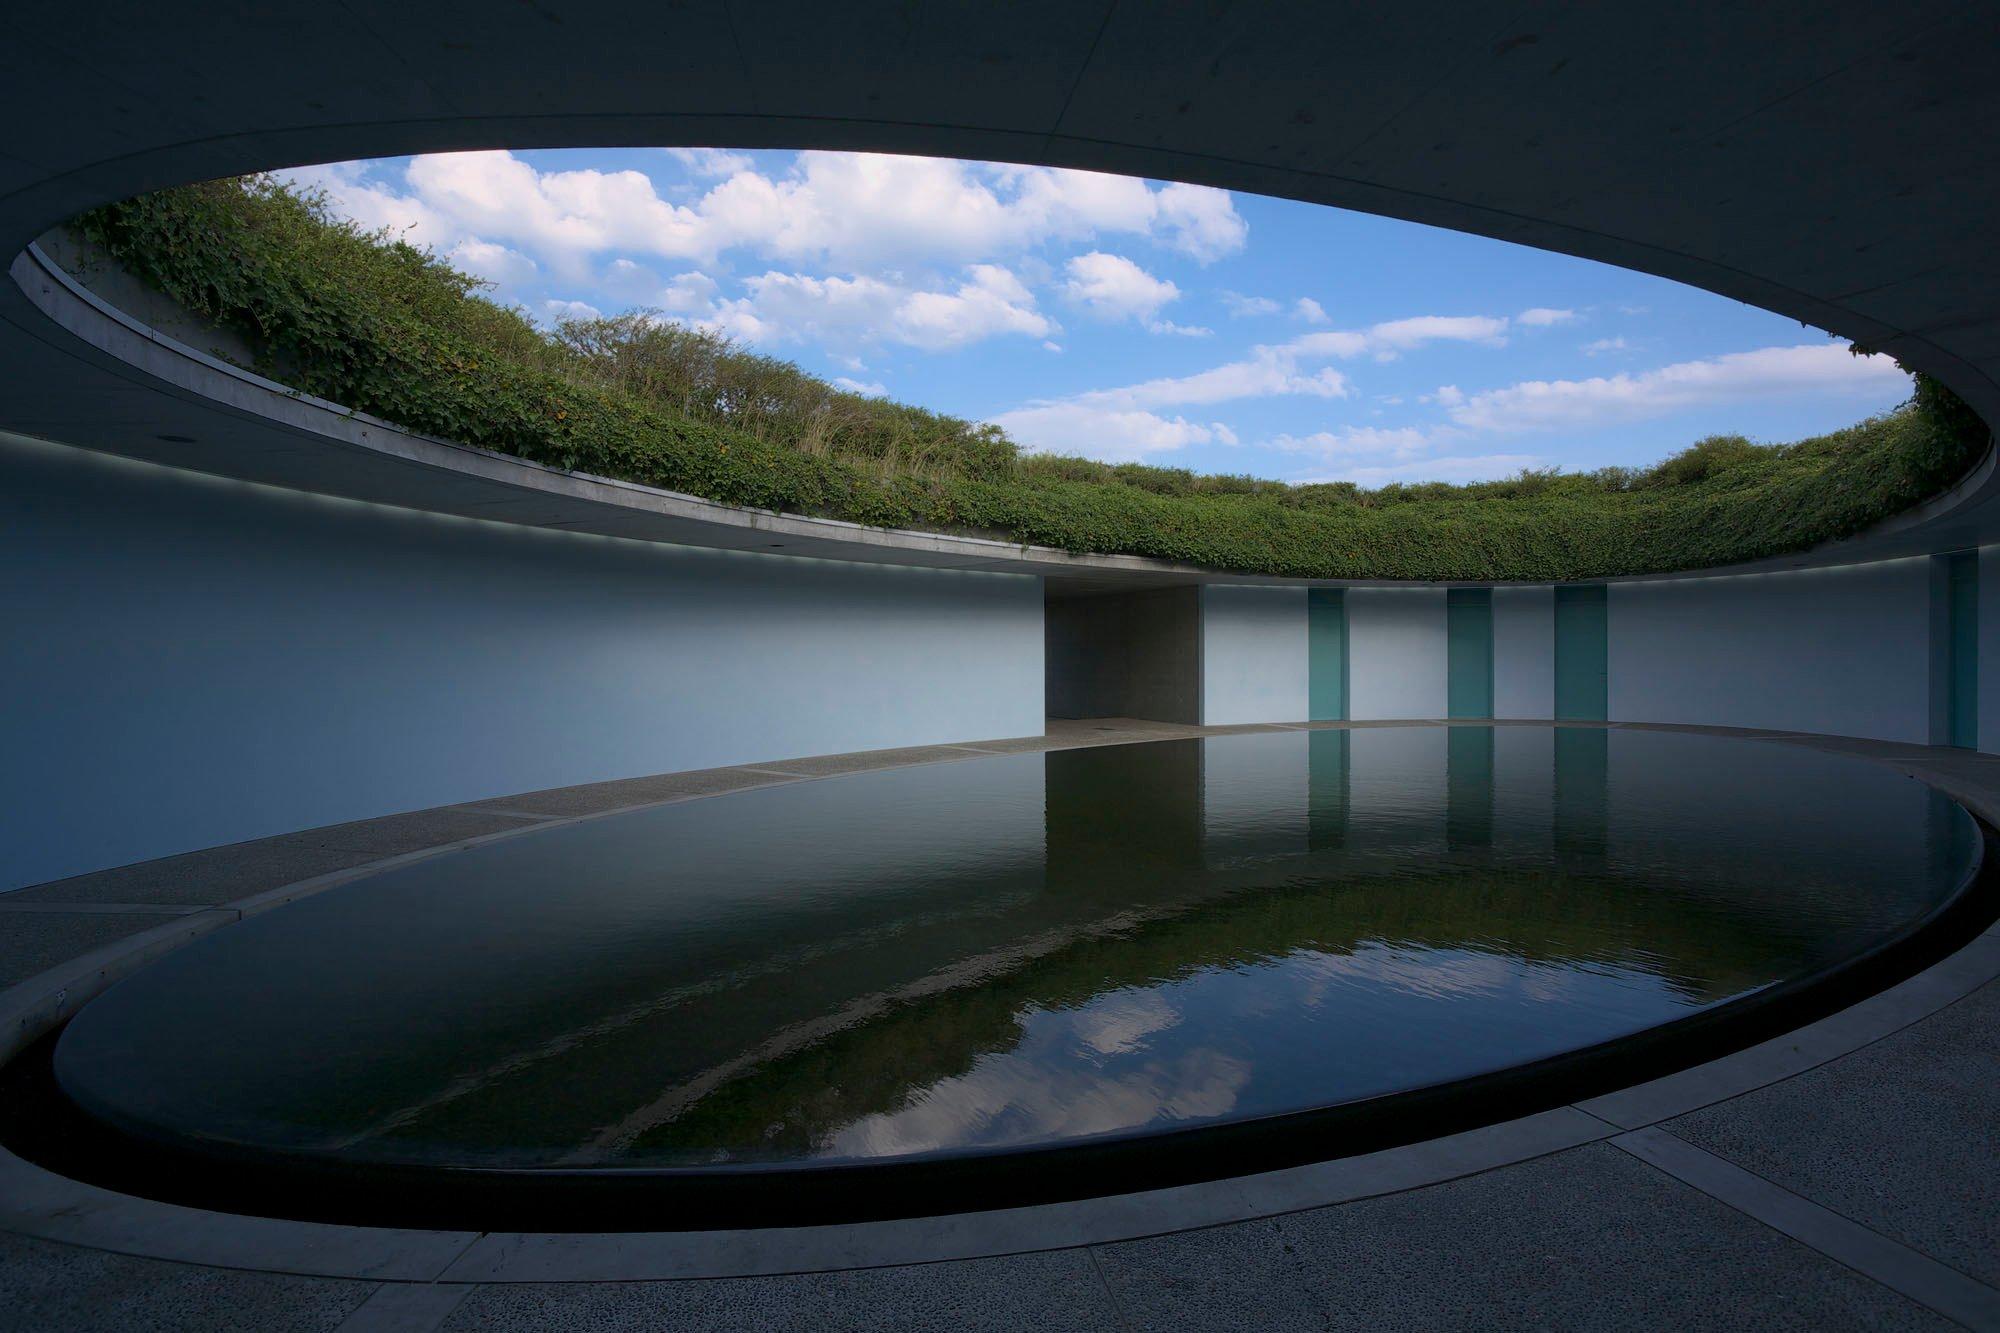 Hotels sind mehr als Übernachtungsstätten. Sie sind räumliche Erlebnisverstärker. Manchmal geht ihre Wirkung so weit, dass sie selbst zur Destination werden. Im Bild: BENESSE HOUSE: Im Sichtbetonbau Oval gruppieren sich sechs Zimmer um einen ovalen Innenhof mit Wasserbecken, der ins Erdreich eingelassen ist und sich zum Himmel öffnet. Foto: Osamu Watanabe / Benesse House